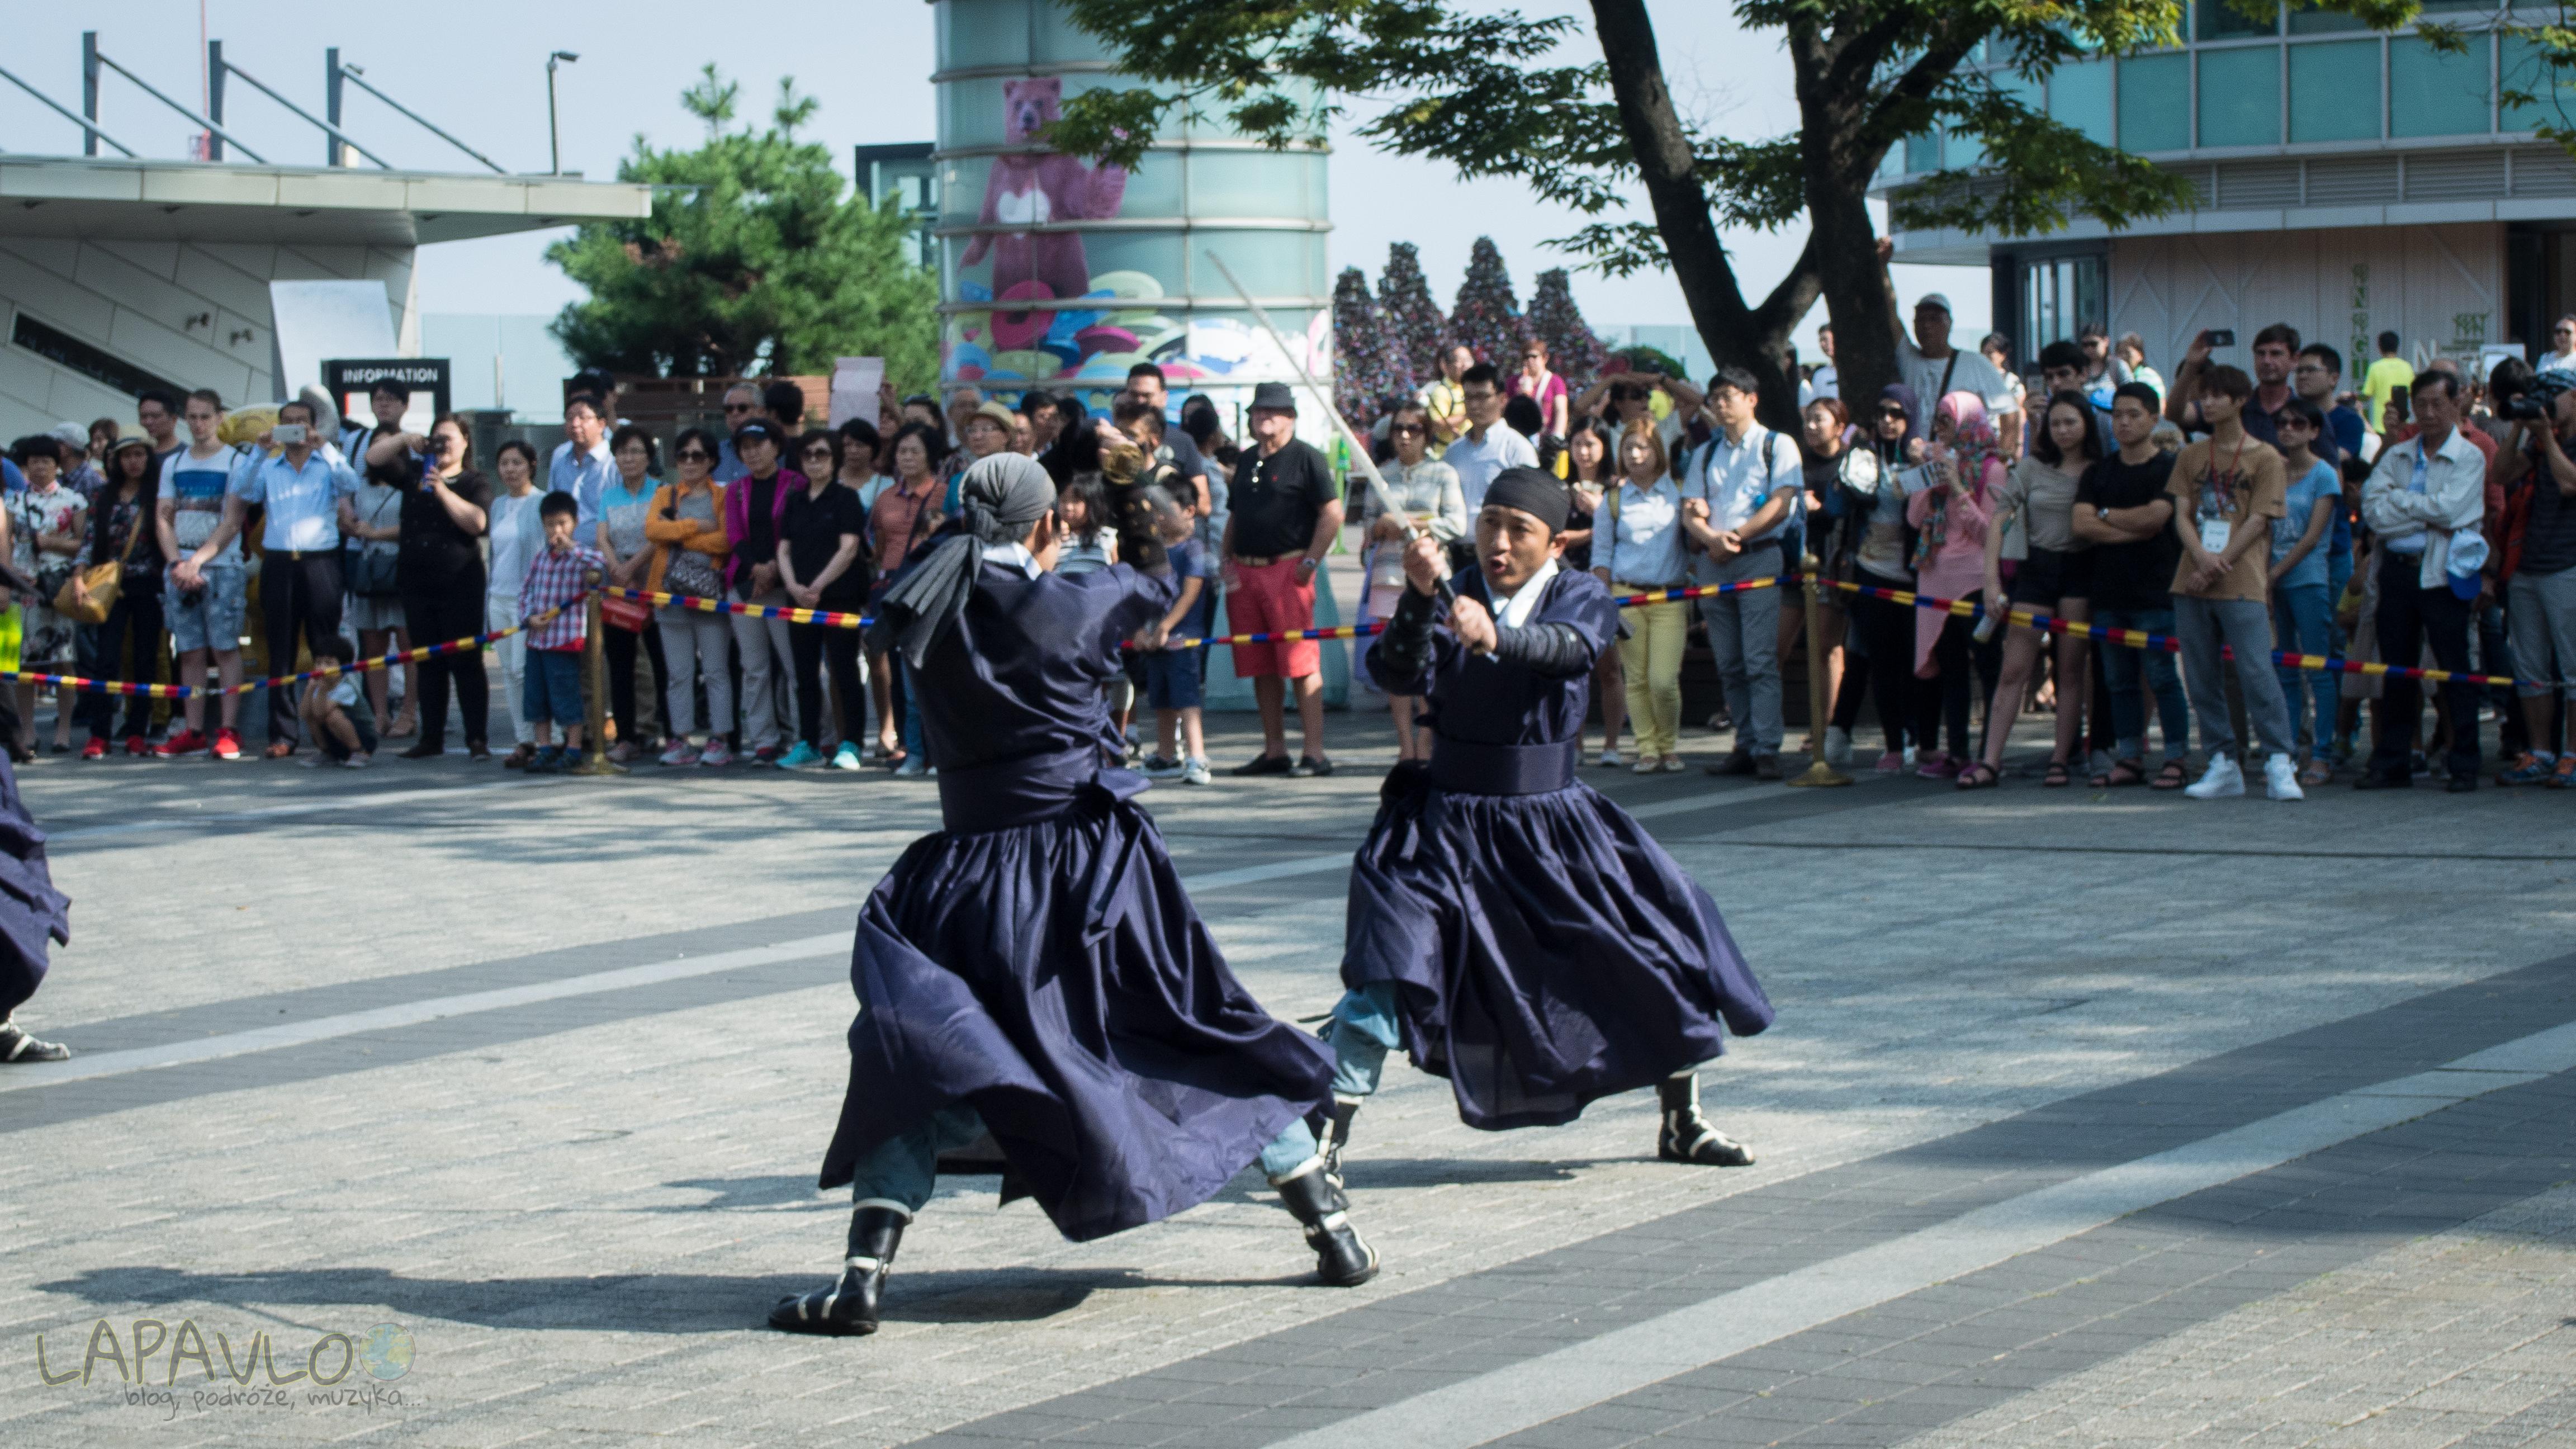 Nongak - Seul